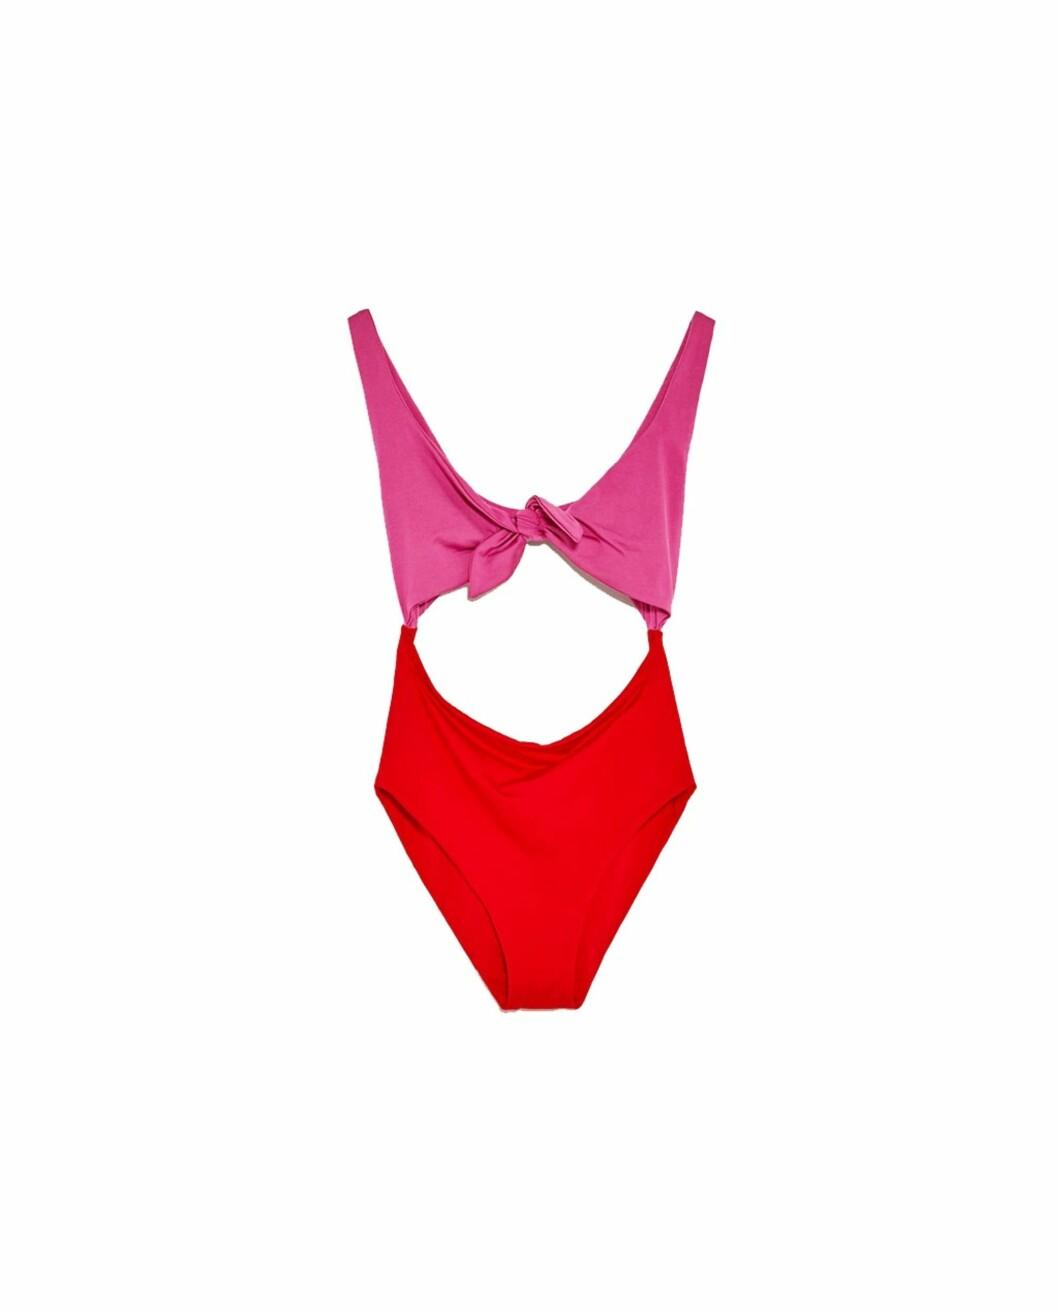 <strong>Rød og rosa badedrakt fra Zara | kr 249 | https:</strong>//www.zara.com/no/no/dame/swimwear-collection/badedrakt-med-knute-c398505p4382513.html